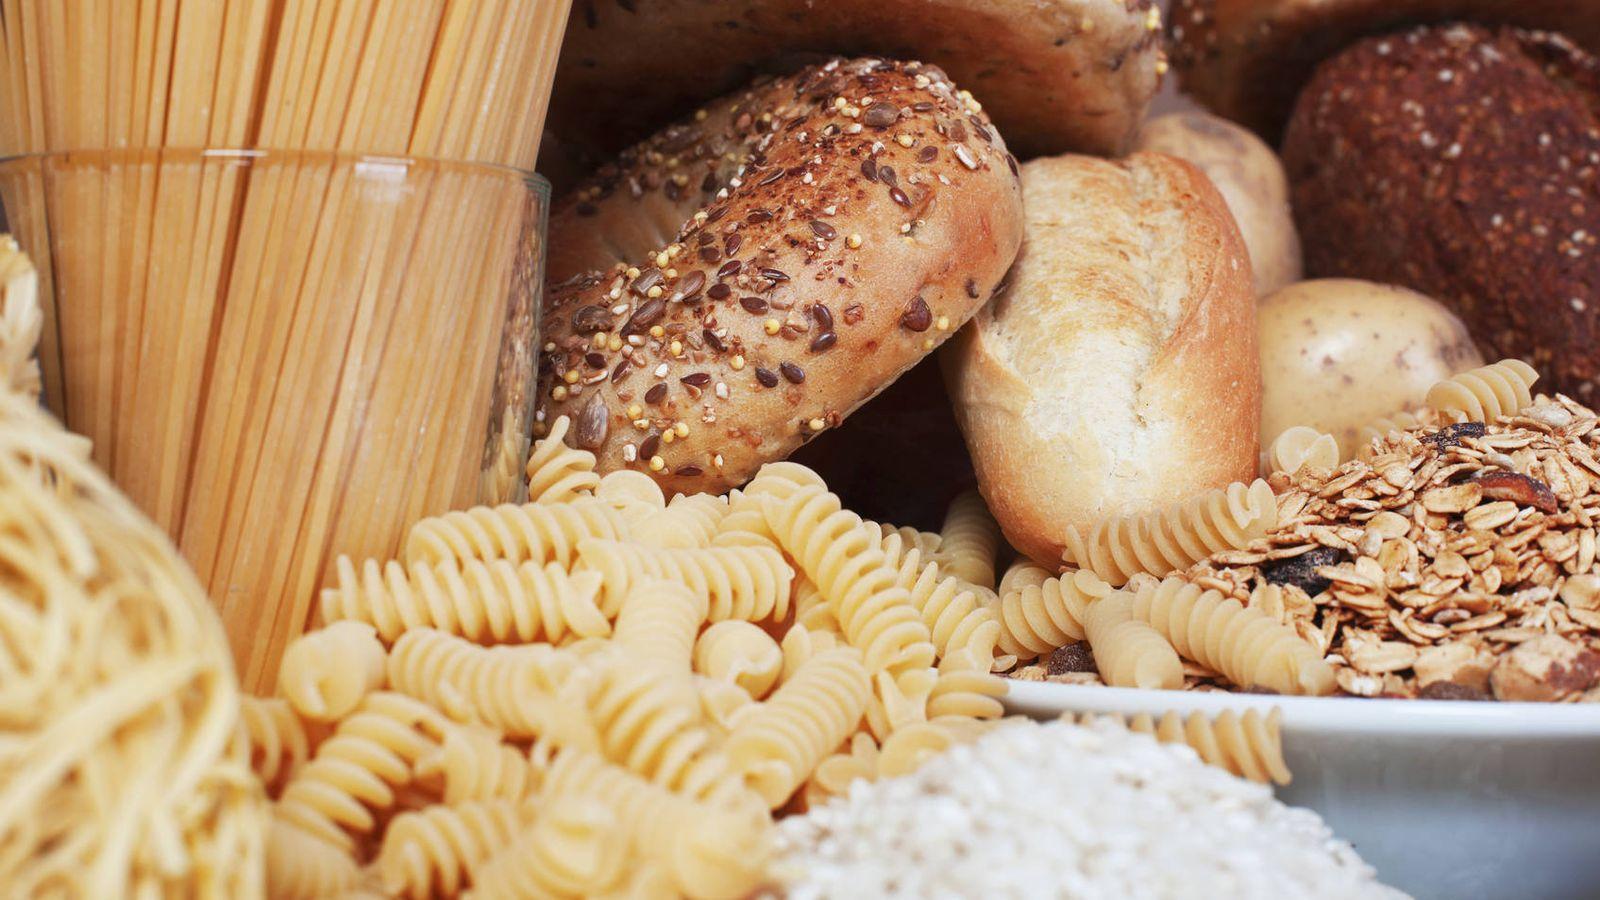 La genética y la evidencia arqueológica sugieren que los humanos comían alimentos altos en carbohidratos mucho antes de empezar la agricultura